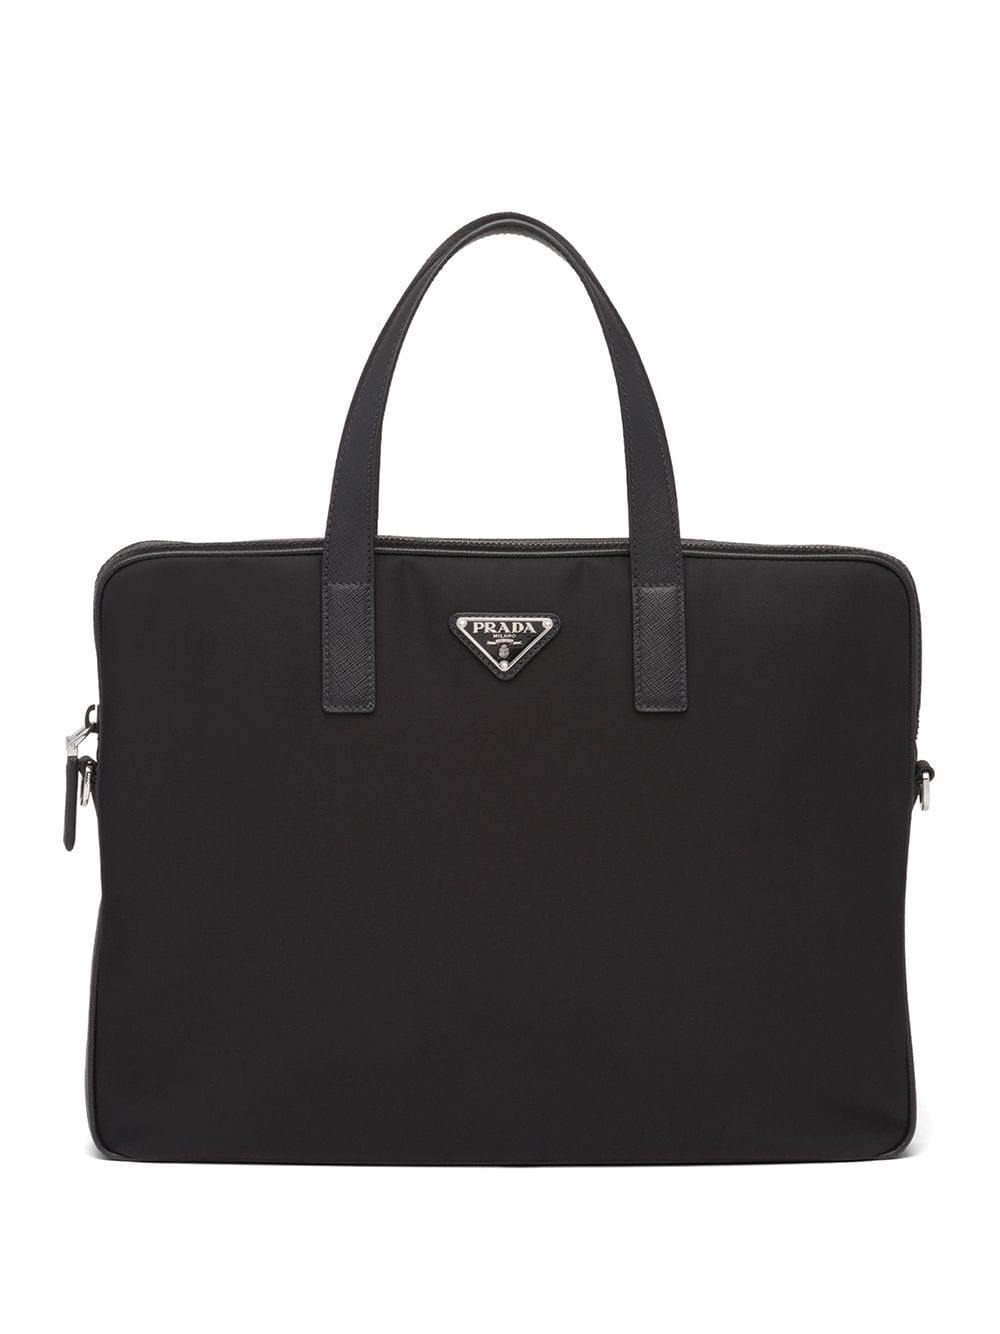 Prada Aktentasche mit dreieckigem Logo - Schwarz